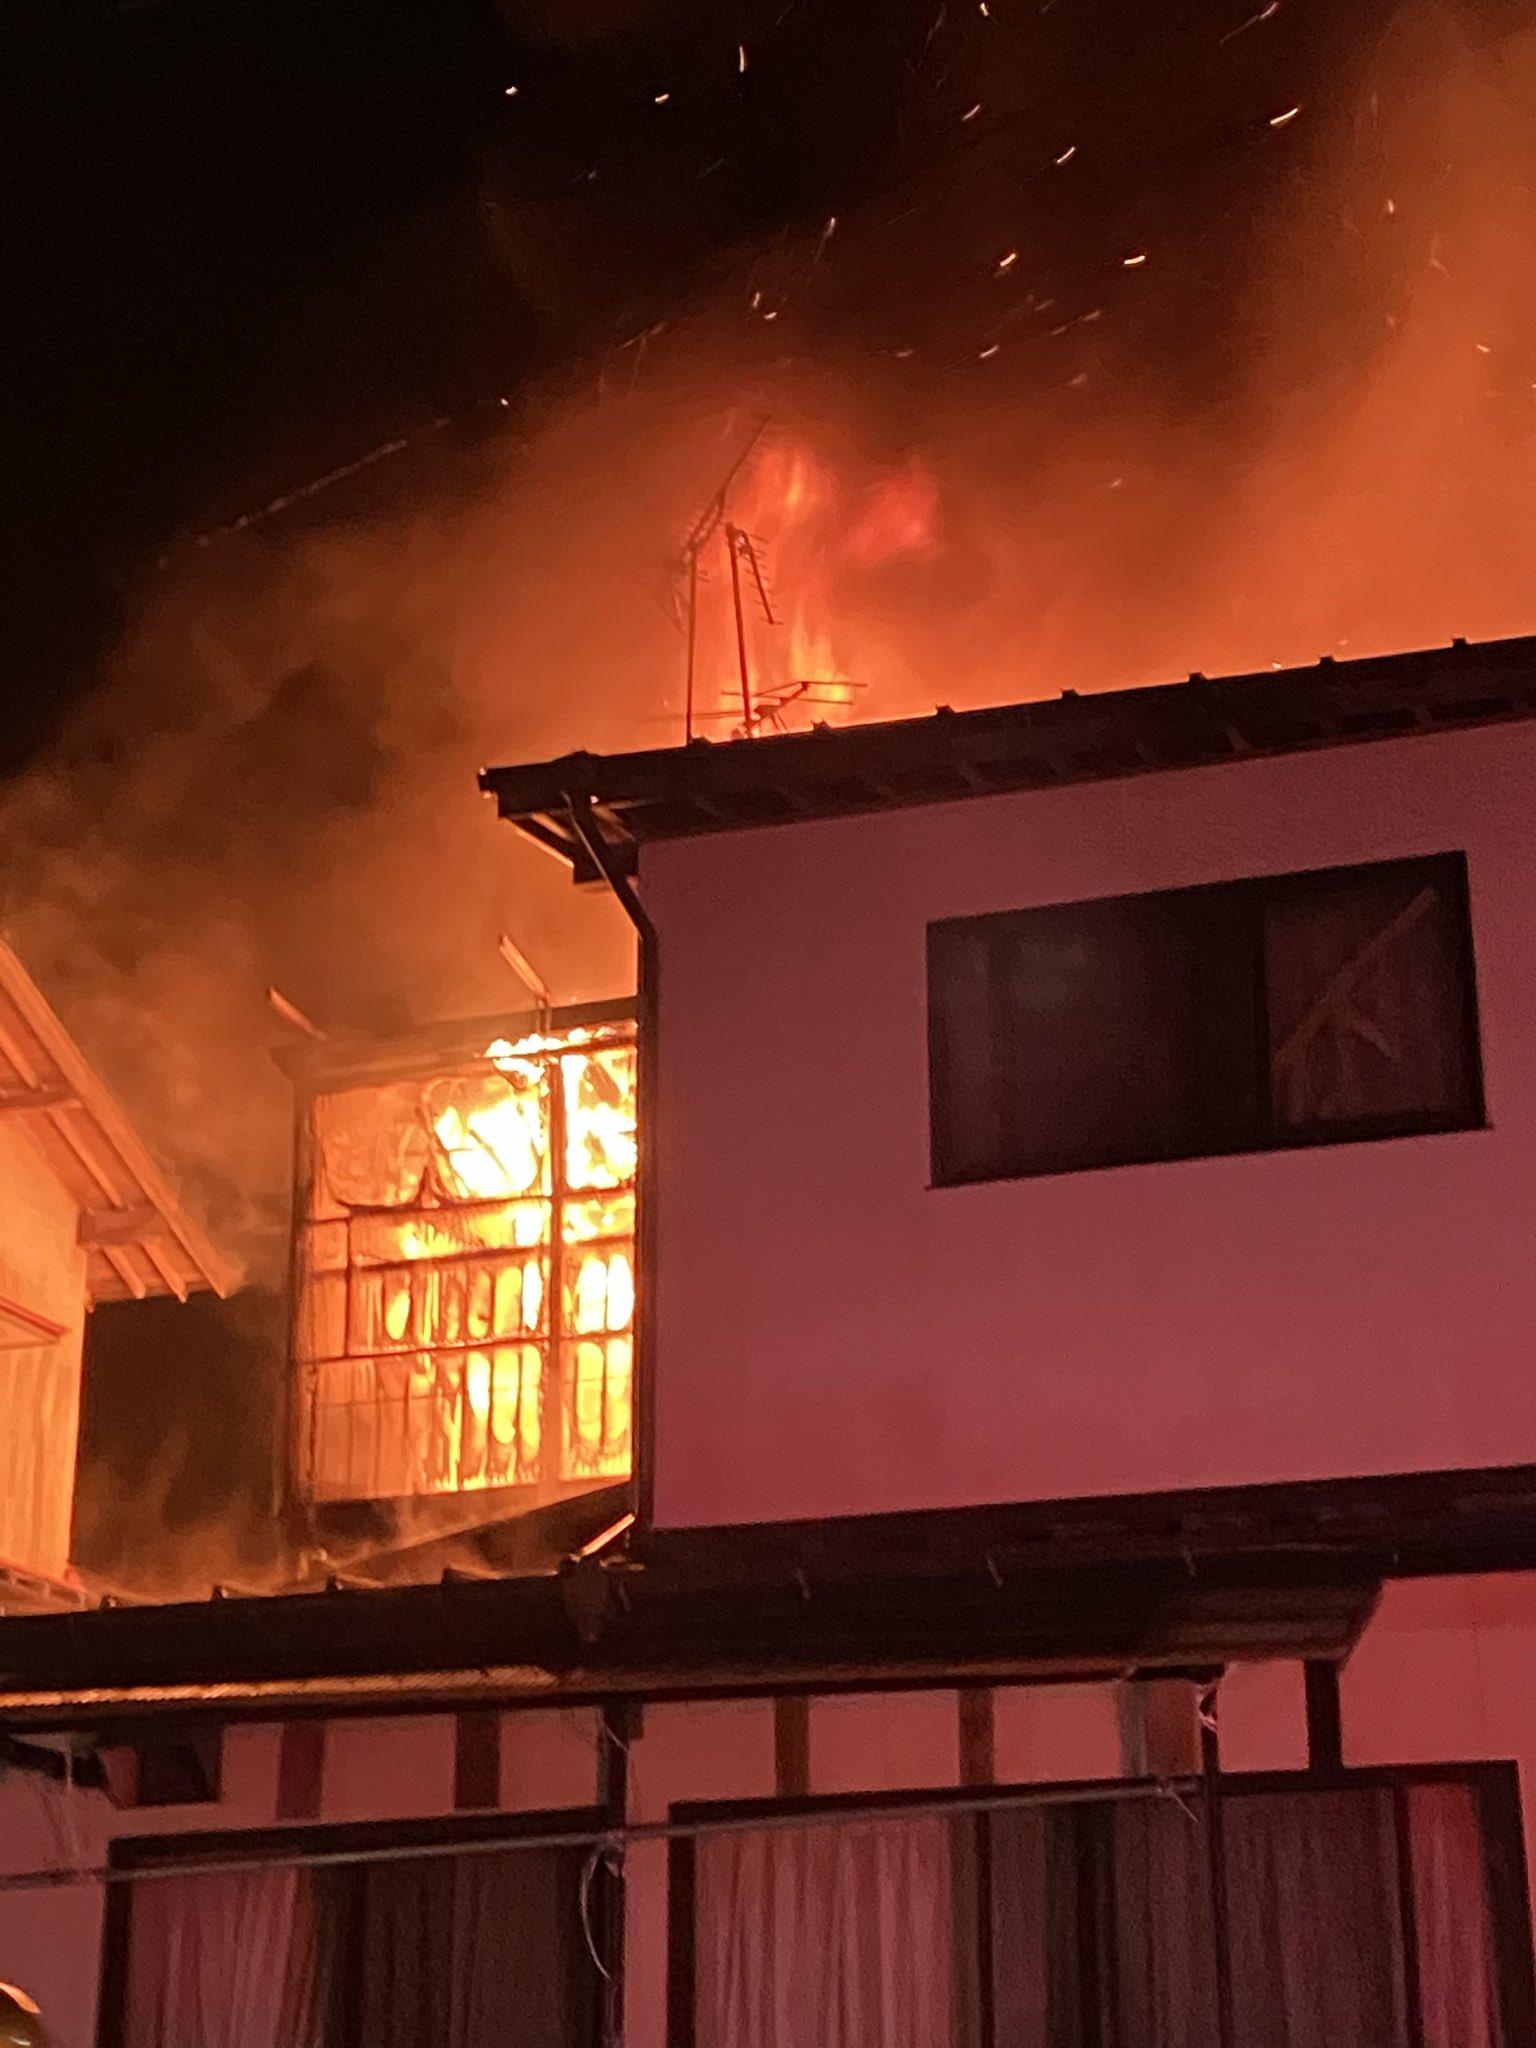 画像,上の家が火事ンゴ https://t.co/qKBloD7HQL。